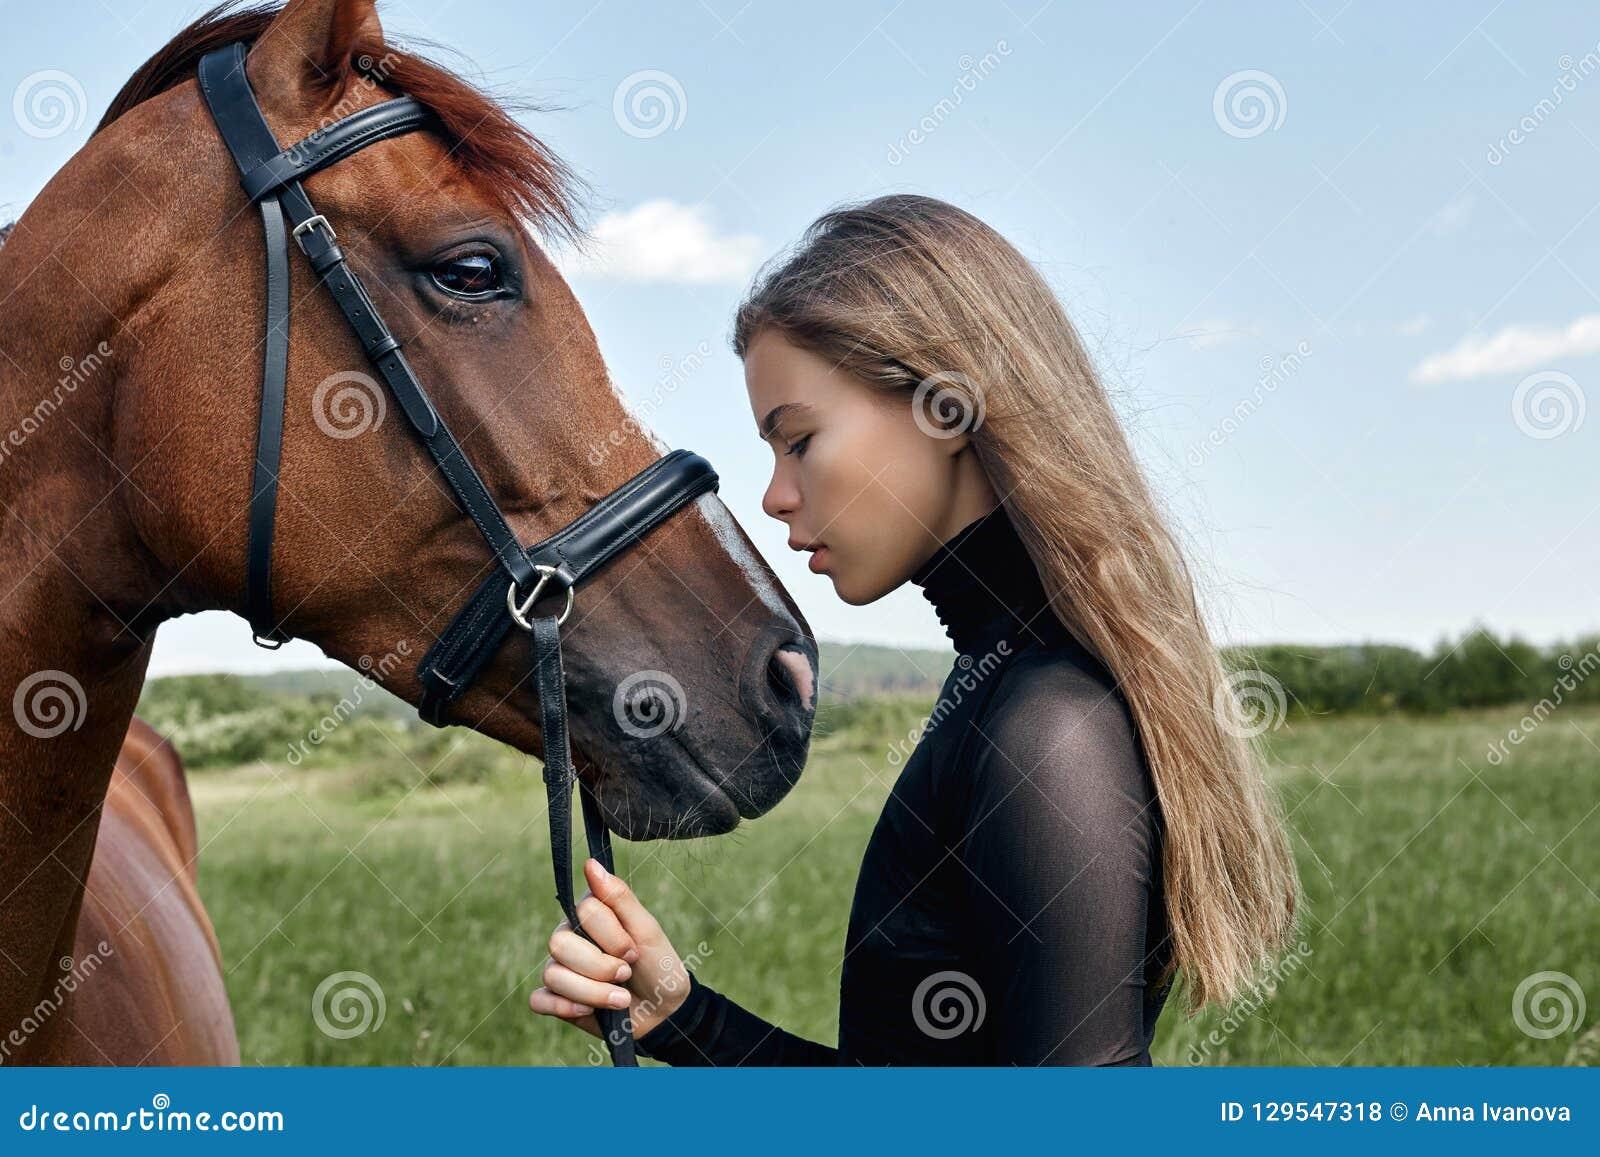 De tribunes van de meisjesruiter naast het paard op het gebied Het manierportret van een vrouw en de merries zijn paarden in het